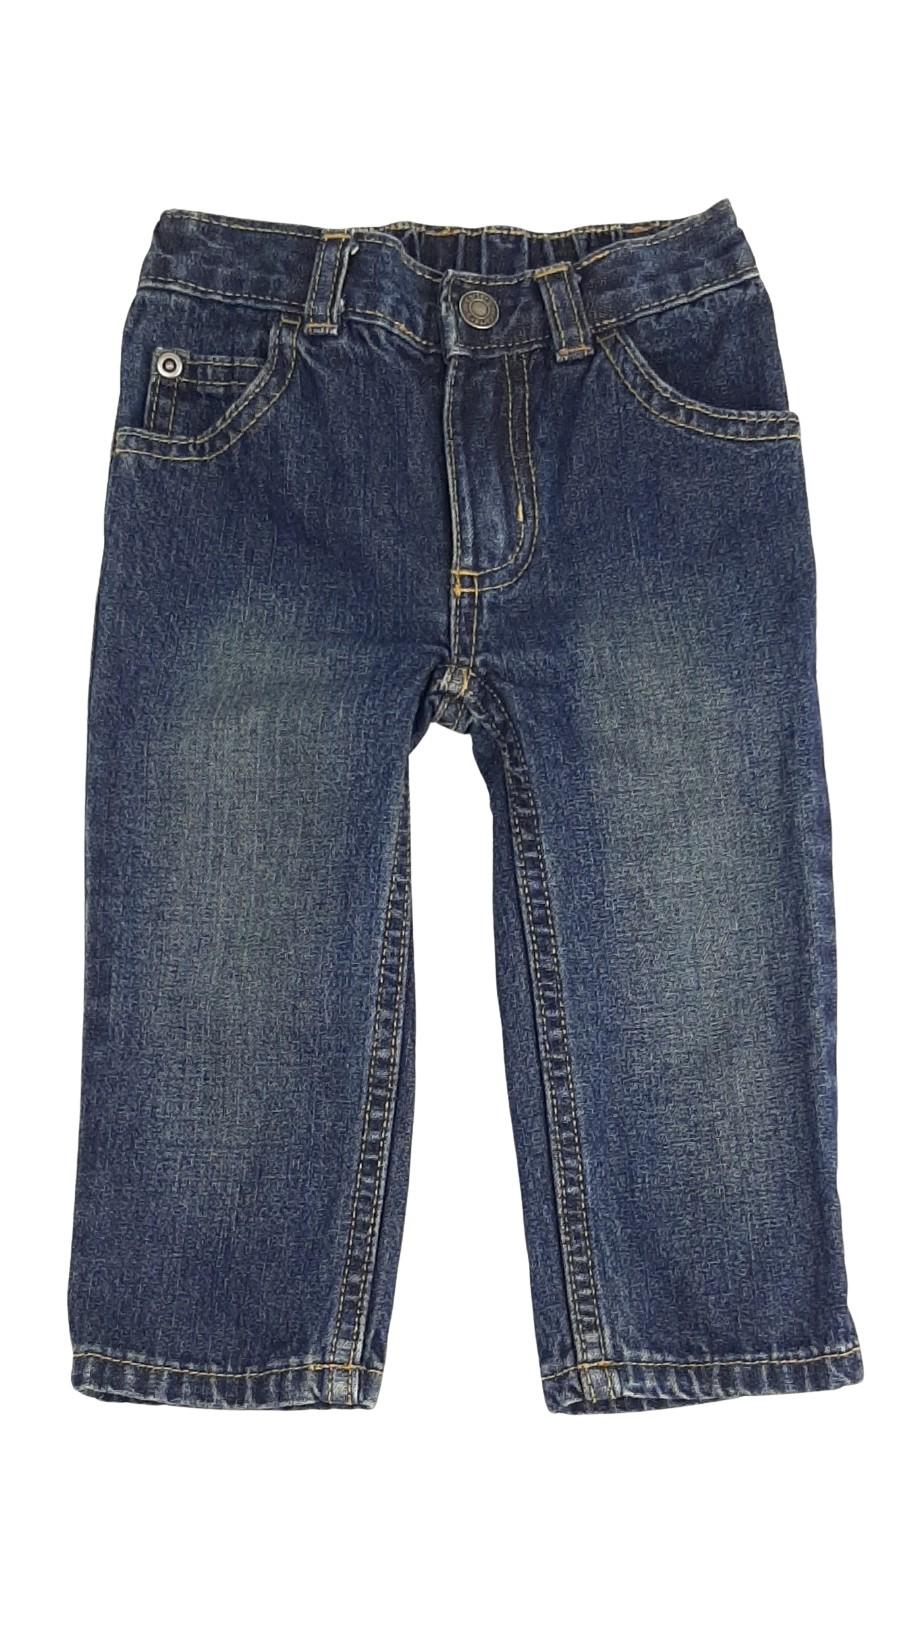 Pantalon jean 1